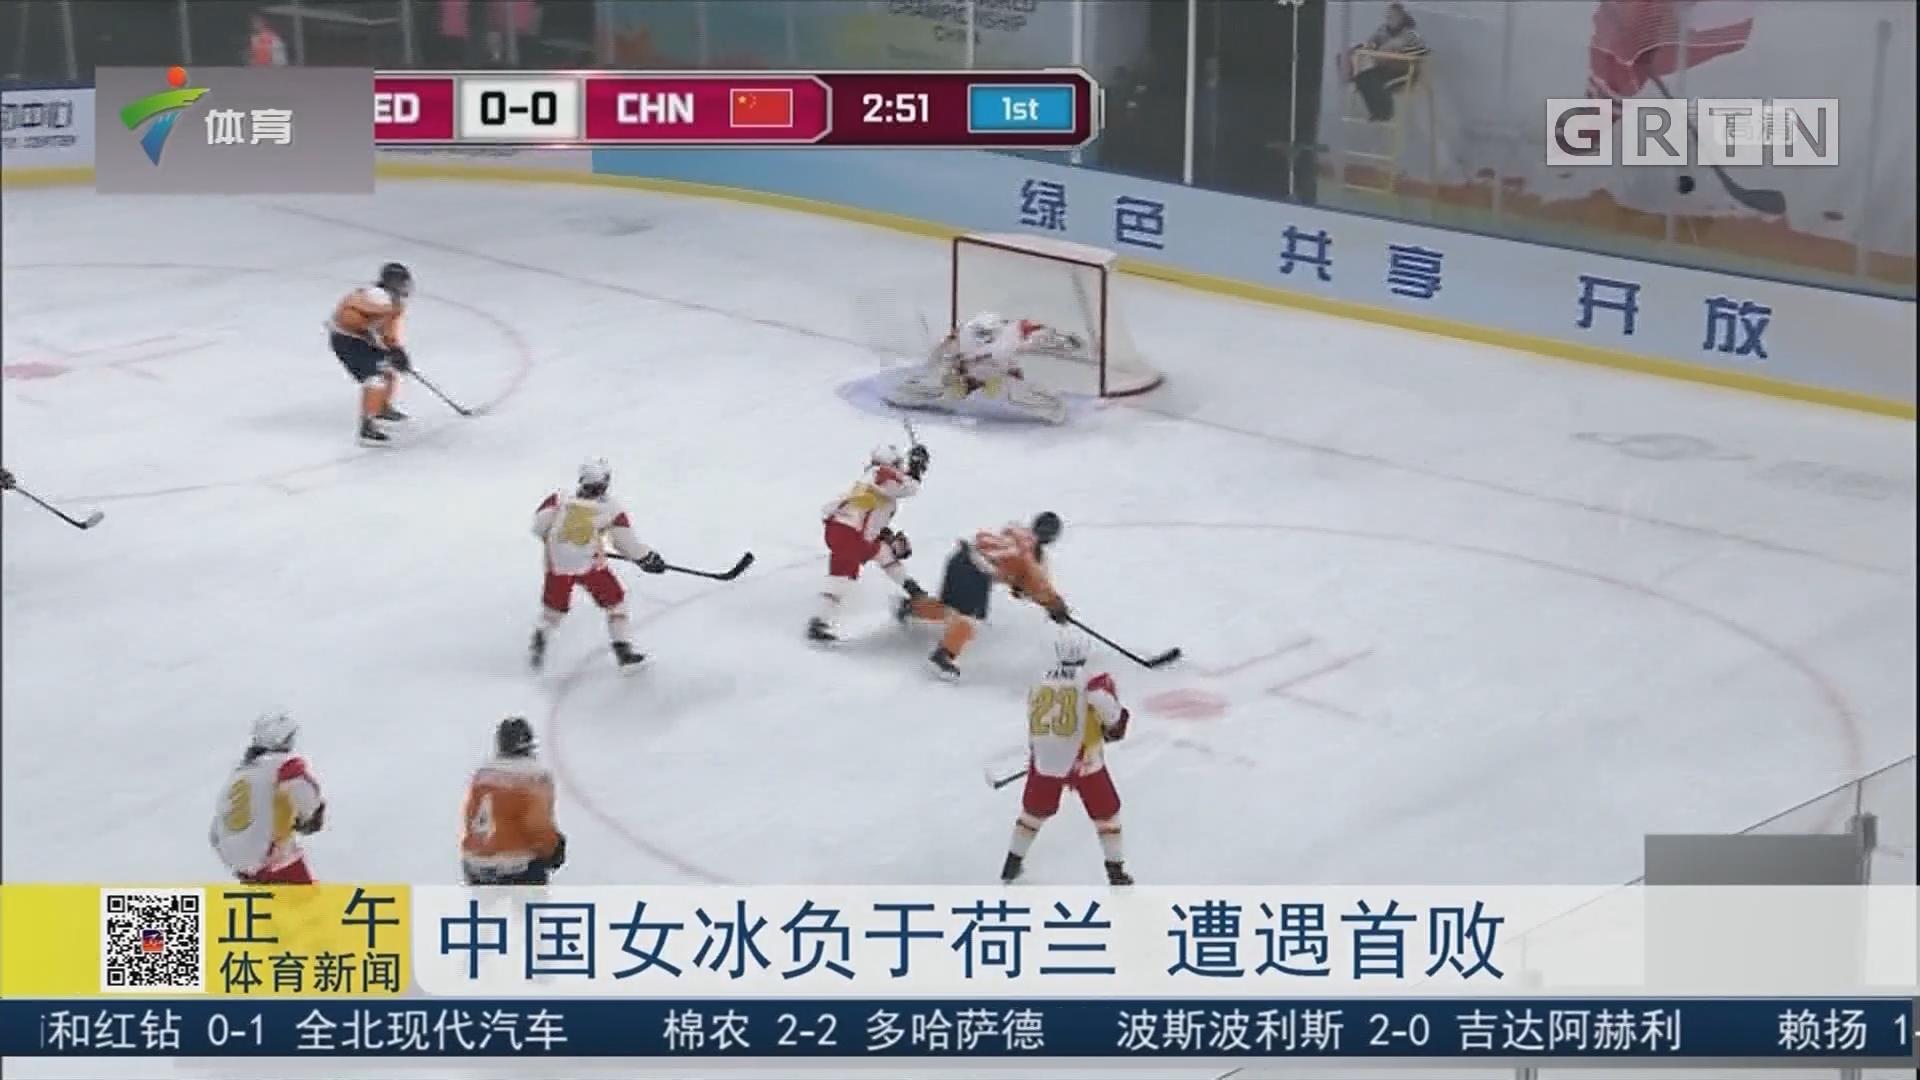 中国女冰负于荷兰 遭遇首败